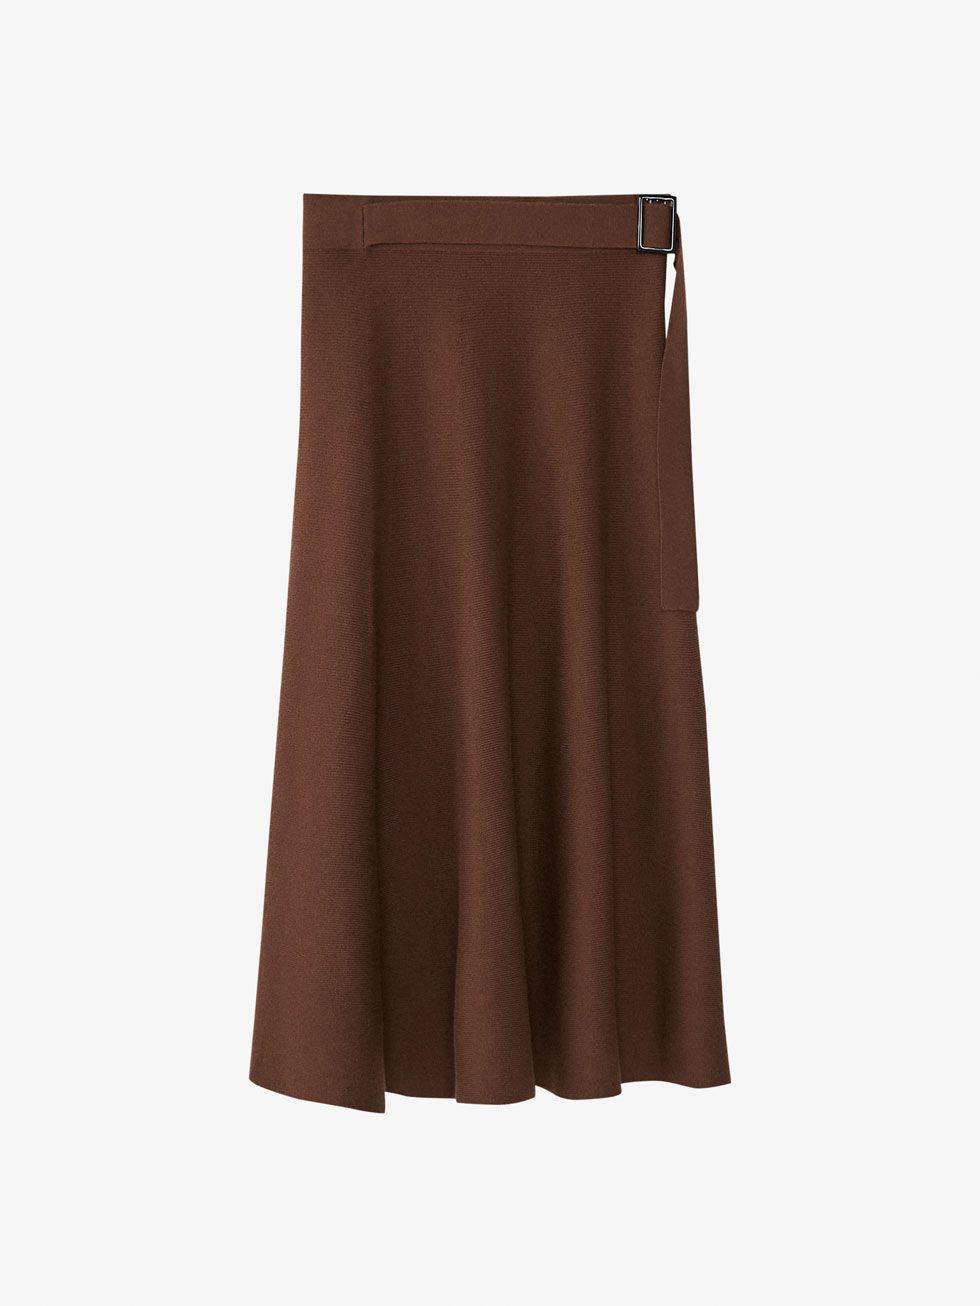 Kleider Overalls Und Rocke Mid Season Sale Damen Massimo Dutti Deutschland Modestil Overall Damen